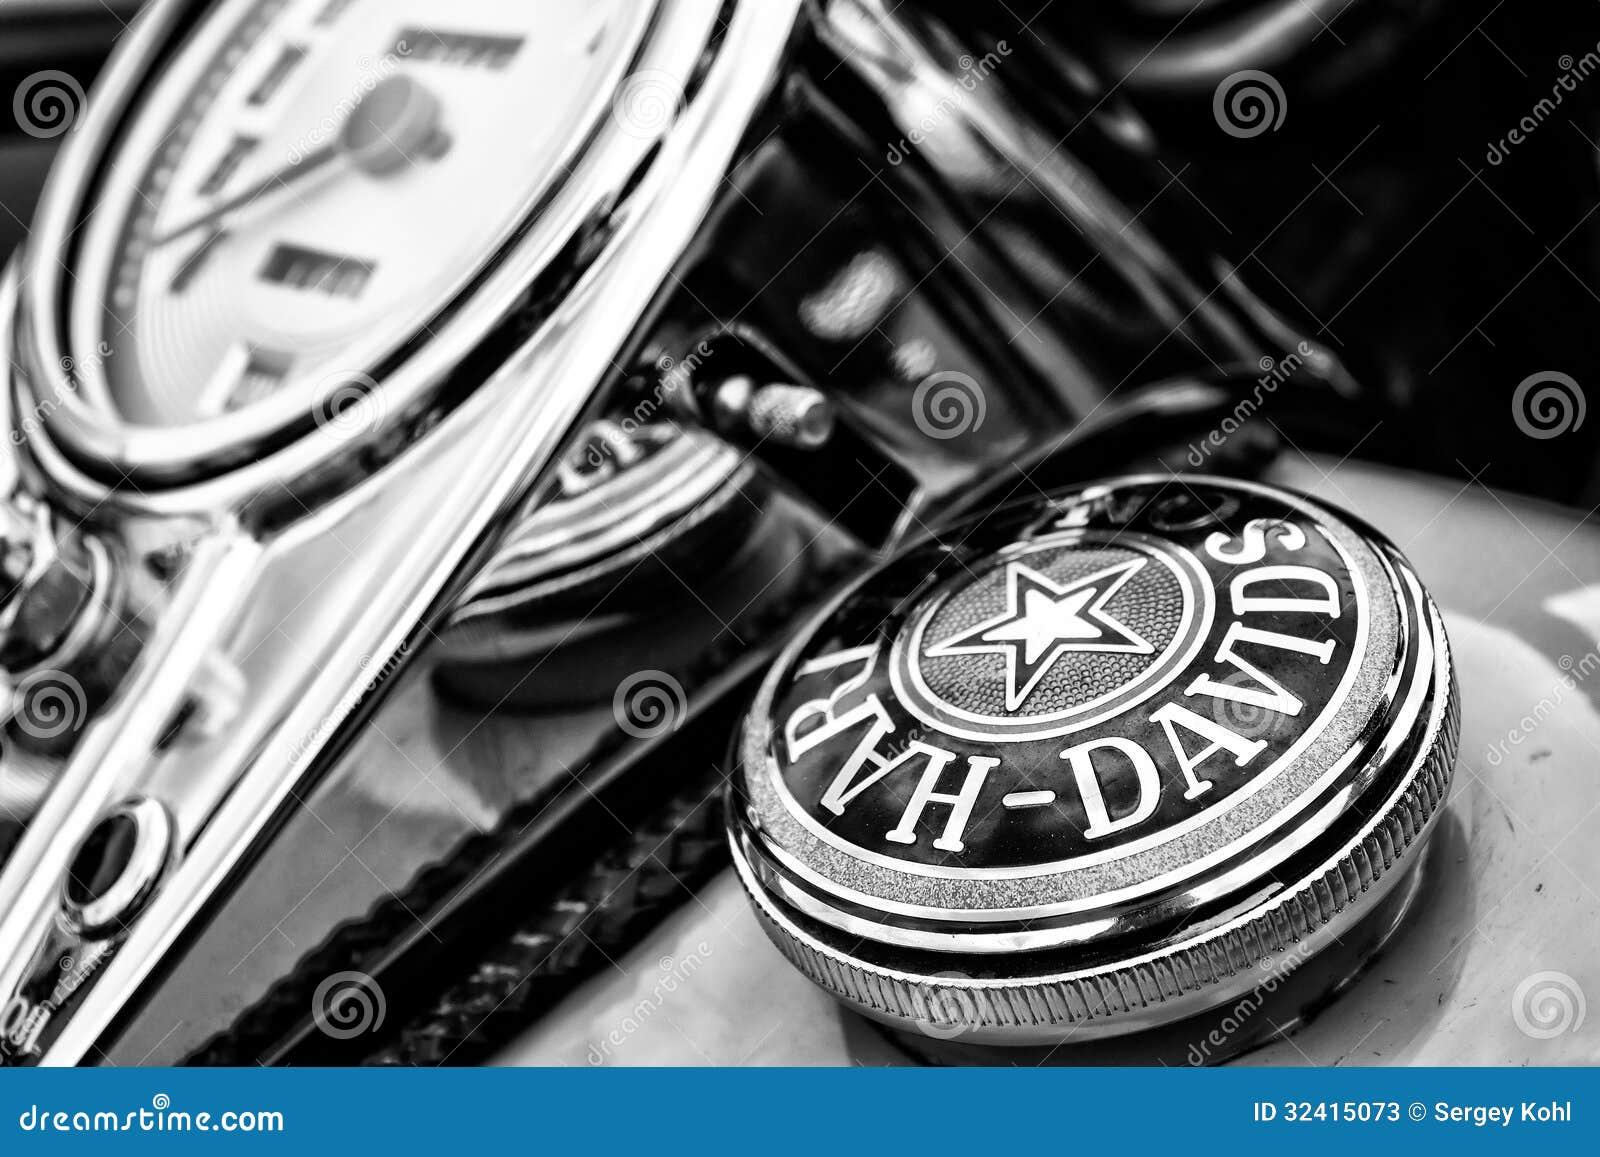 le tableau de bord et le r servoir de carburant couvrent la moto harley davidson photo stock. Black Bedroom Furniture Sets. Home Design Ideas